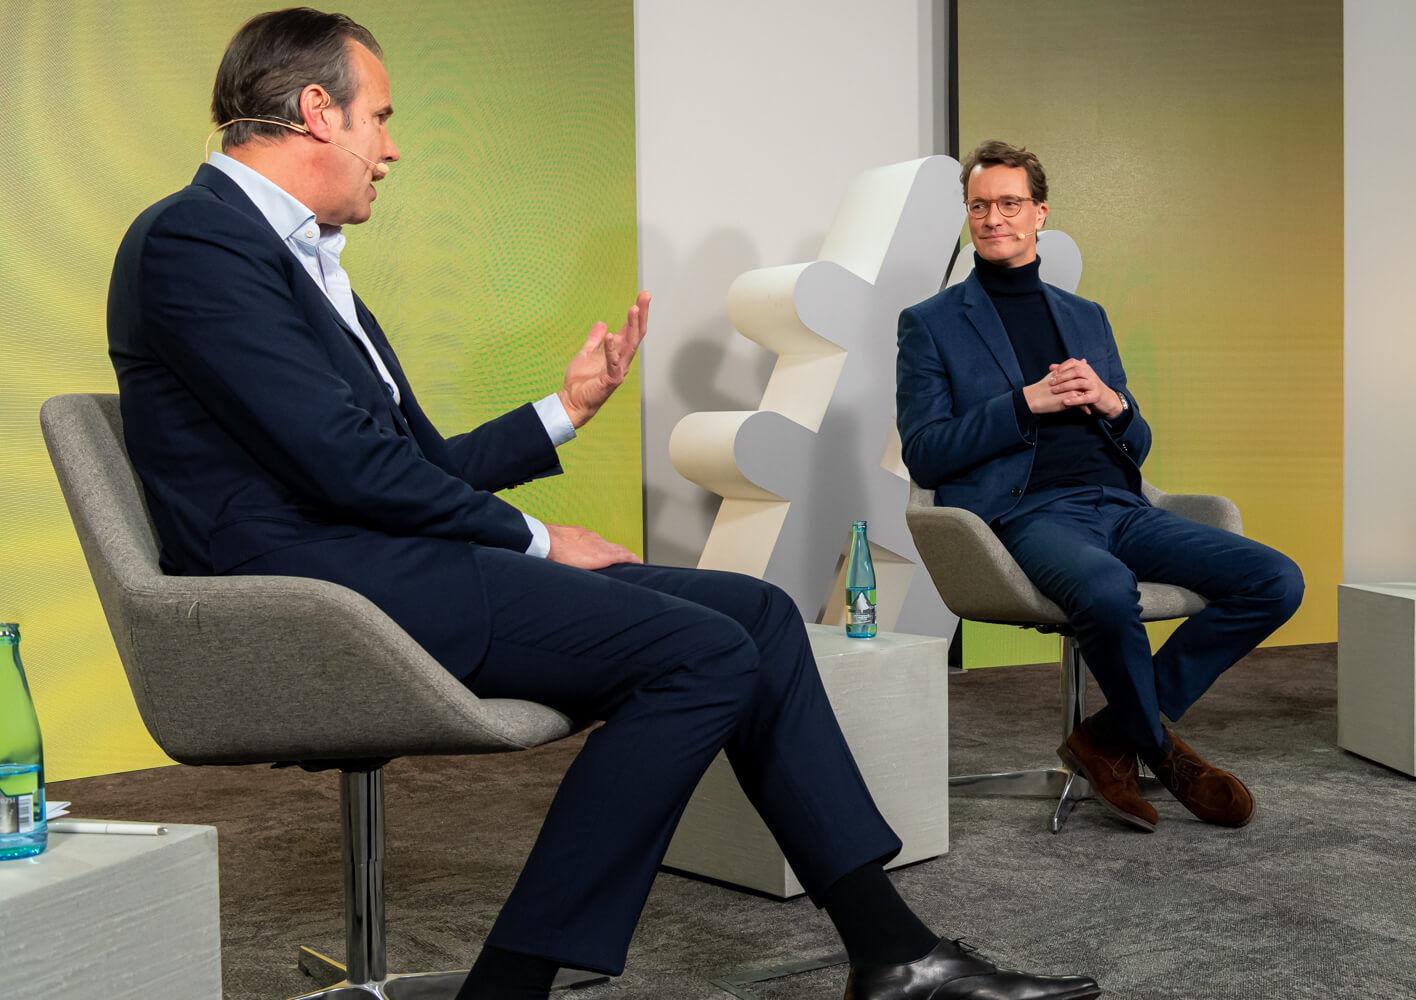 Zwei Männer mit dunklen und ein Mann mit hellen Haaren und dunklen Anzügen sitzen in einem Studio und unterhalten sich.